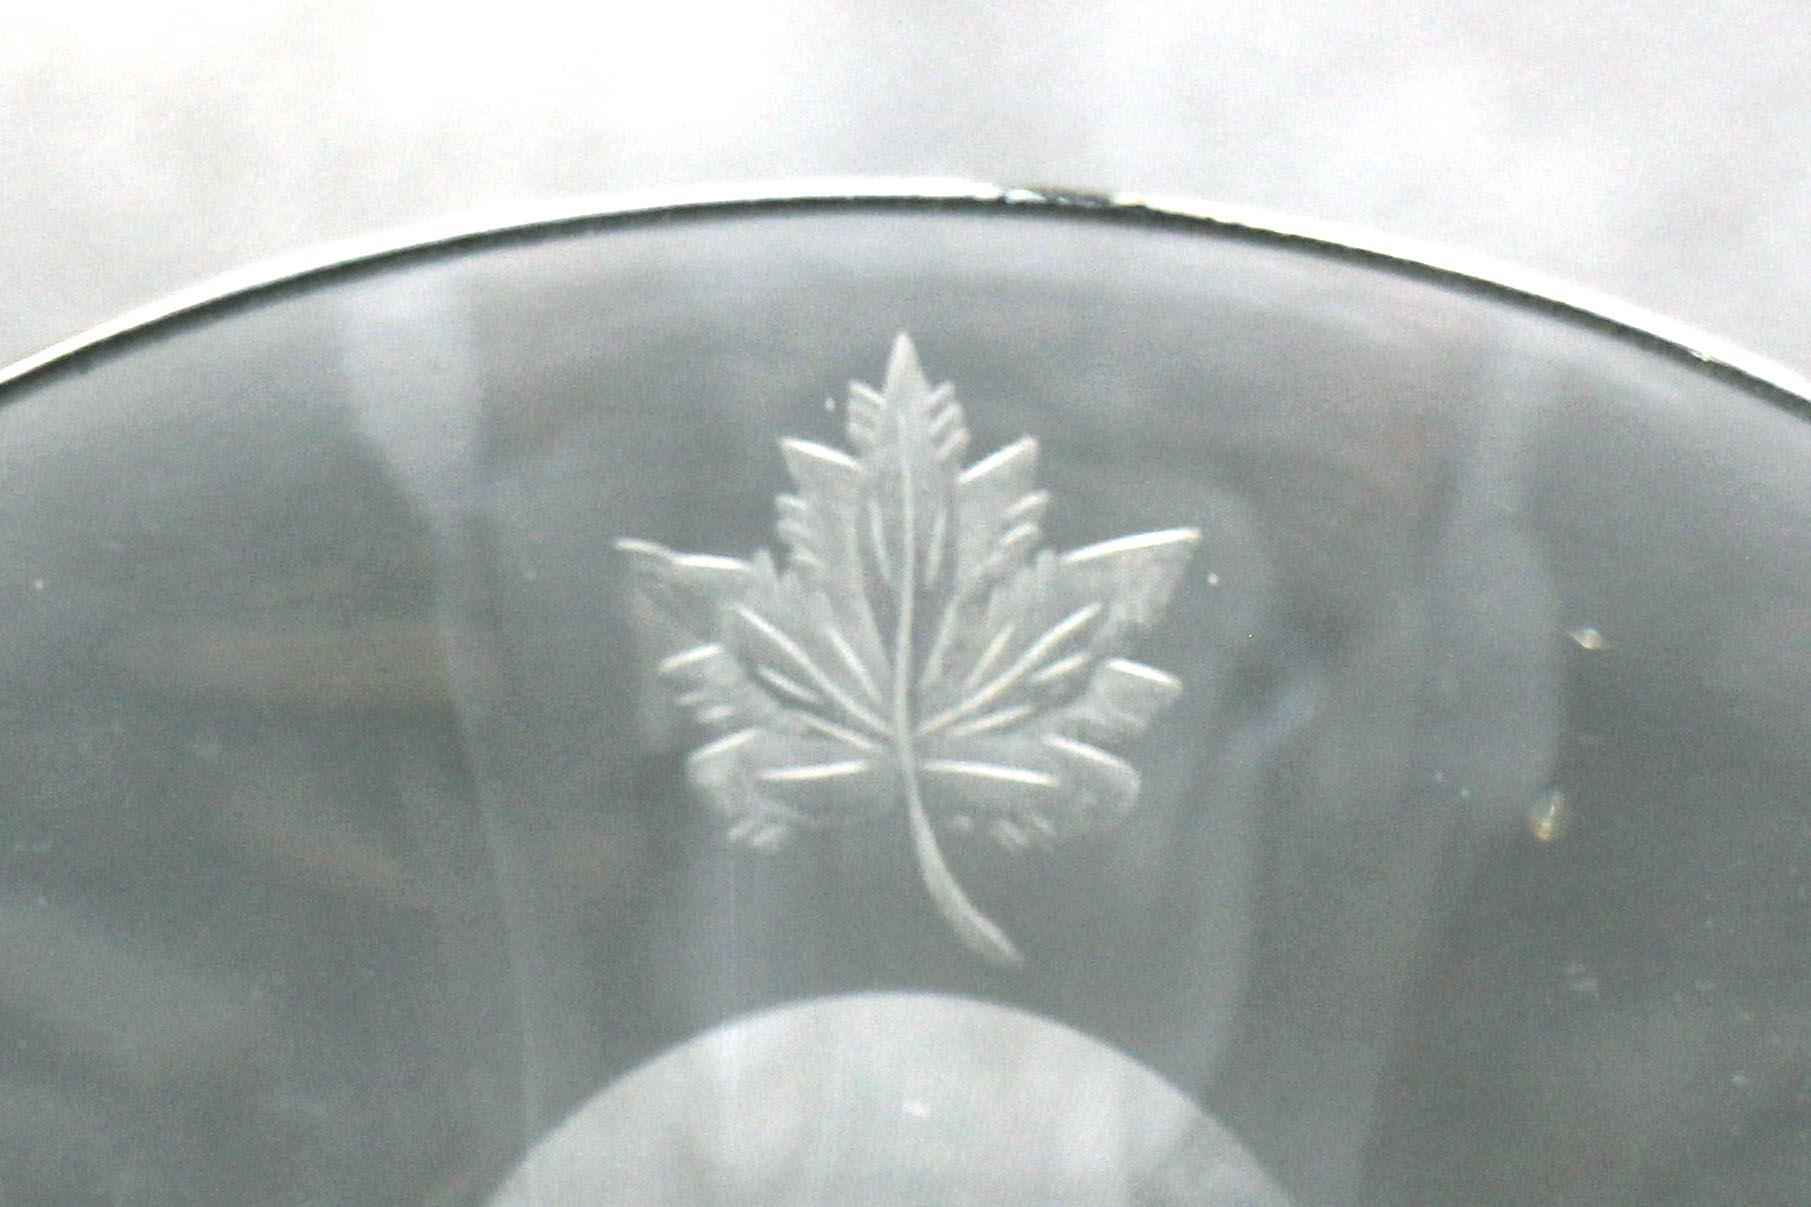 ヴァルサンランベール ガンドリア シャーベットグラス 2148-2